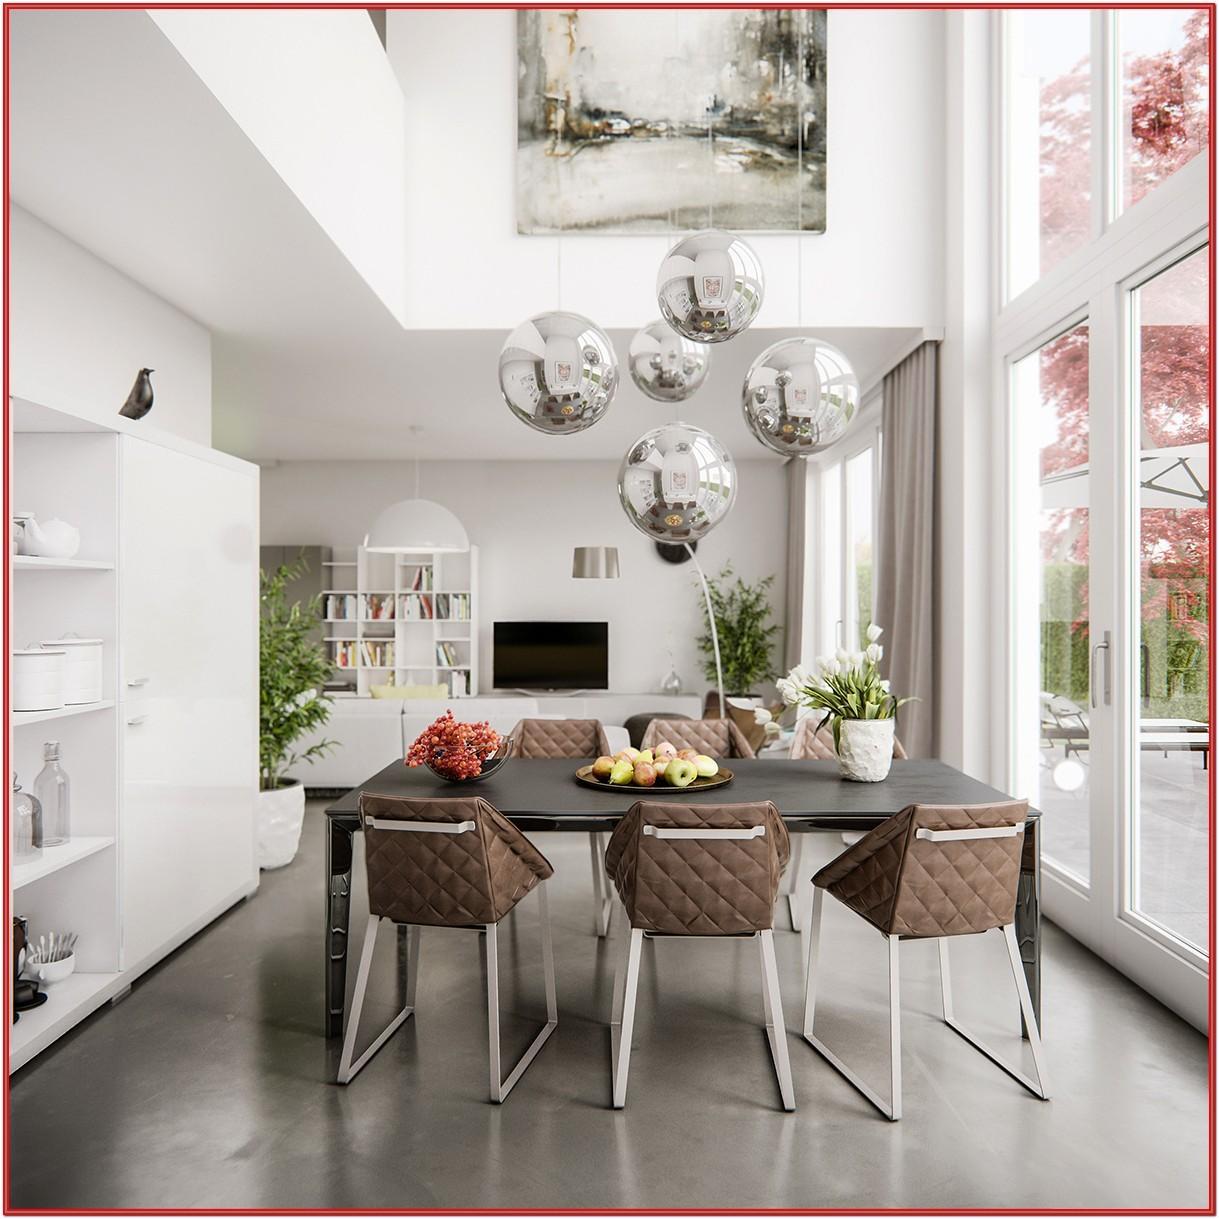 Living Room Dining Room Ideas Modern